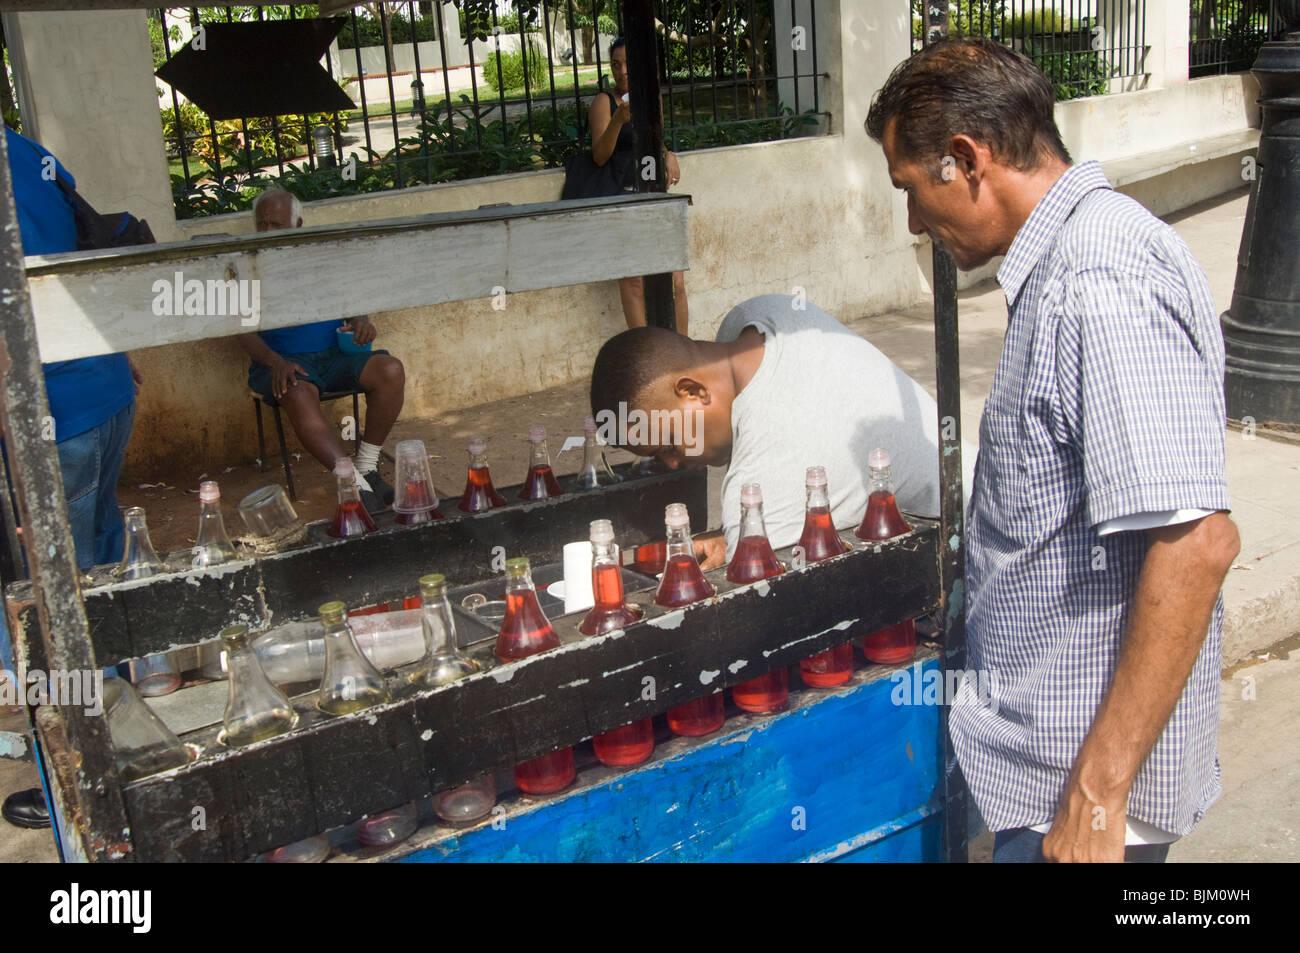 Un Cubano adquirir un refresco azucarado fuera un vendedor callejero en La Habana esta bebida no es recomendable Imagen De Stock